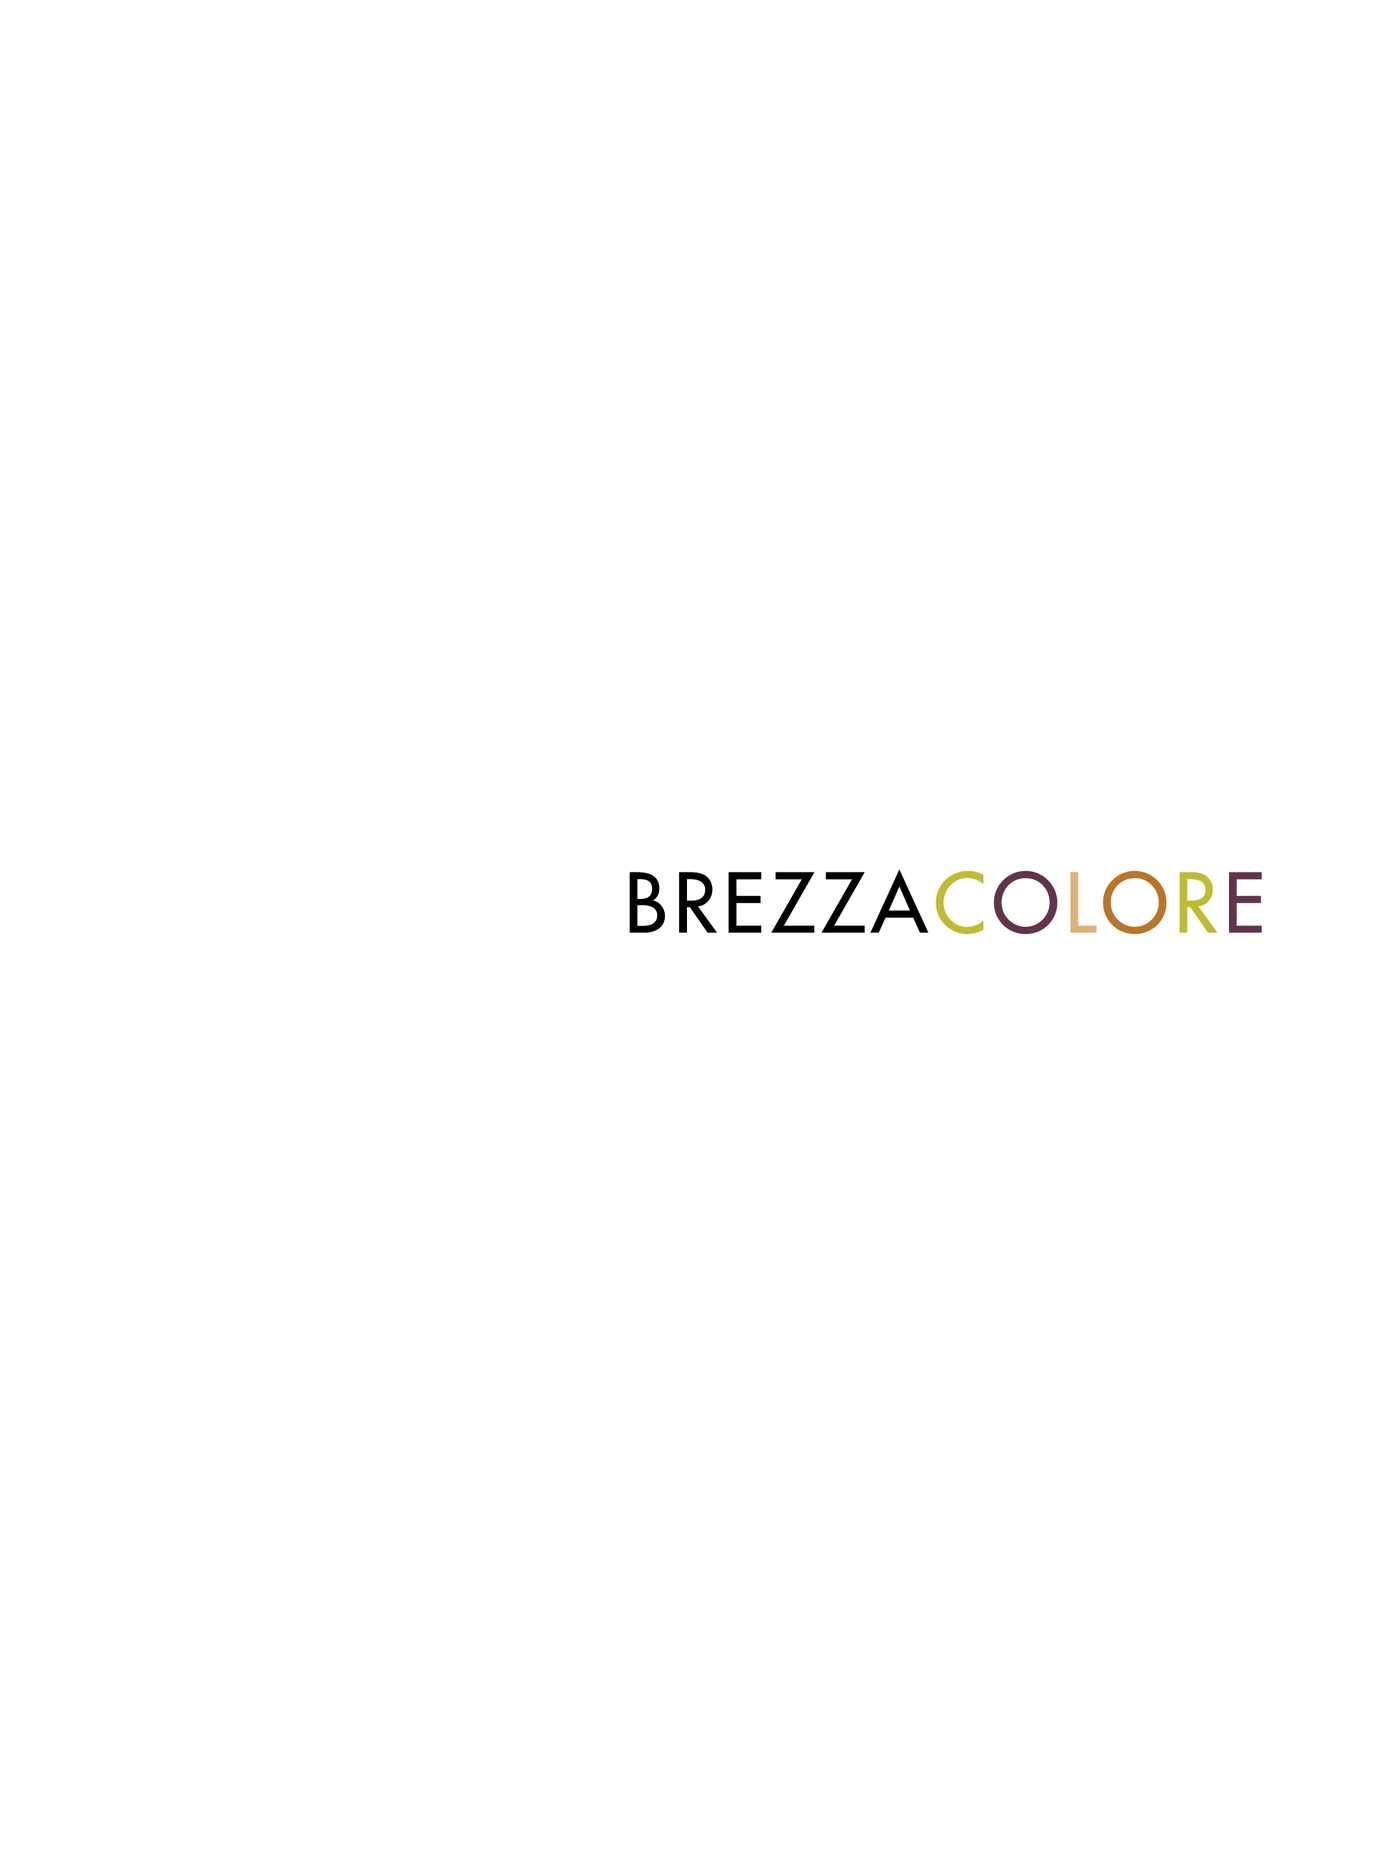 Calaméo - Di Iorio Cucine - BREZZA COLORE